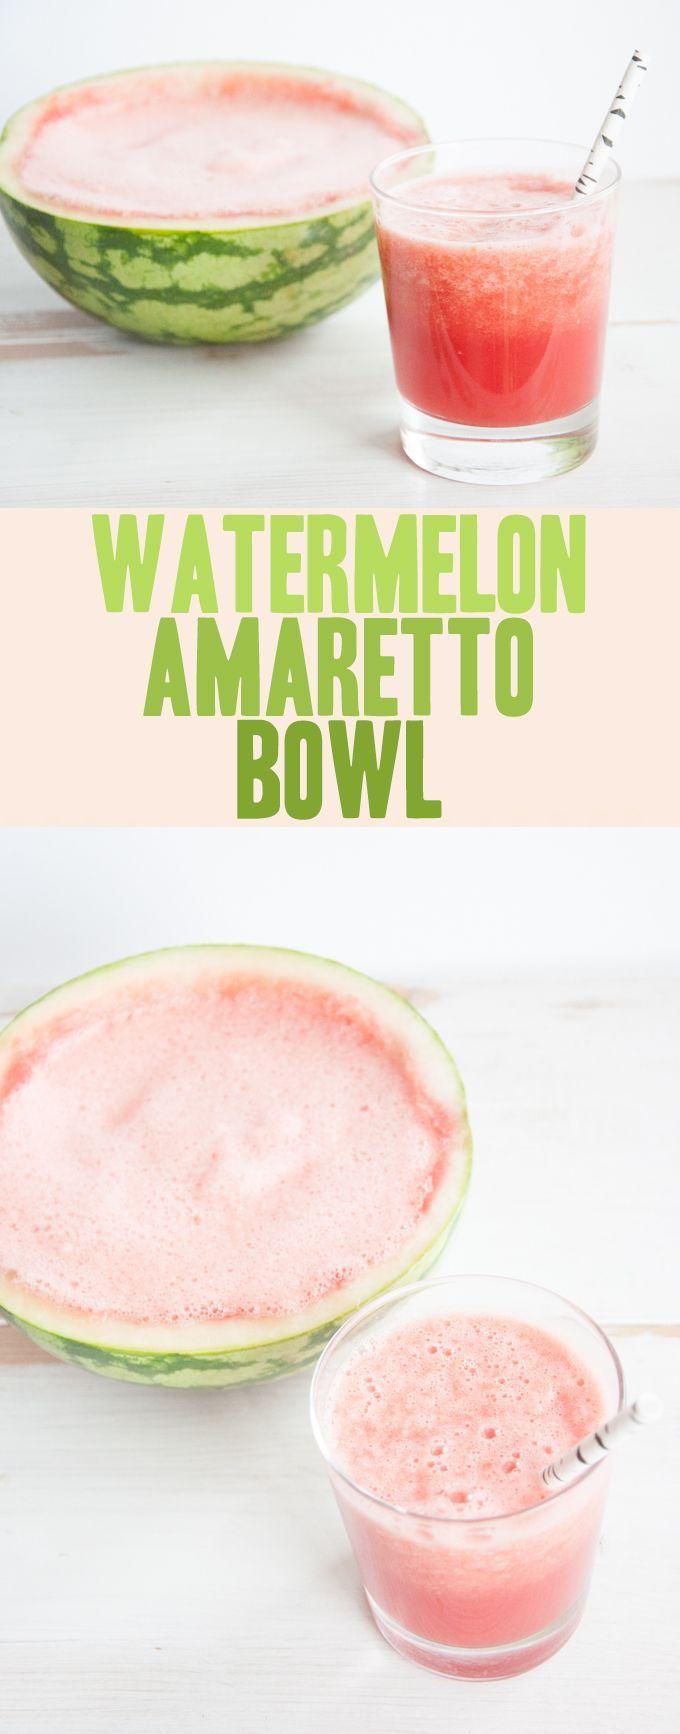 Watermelon Amaretto Bowl | ElephantasticVegan.com